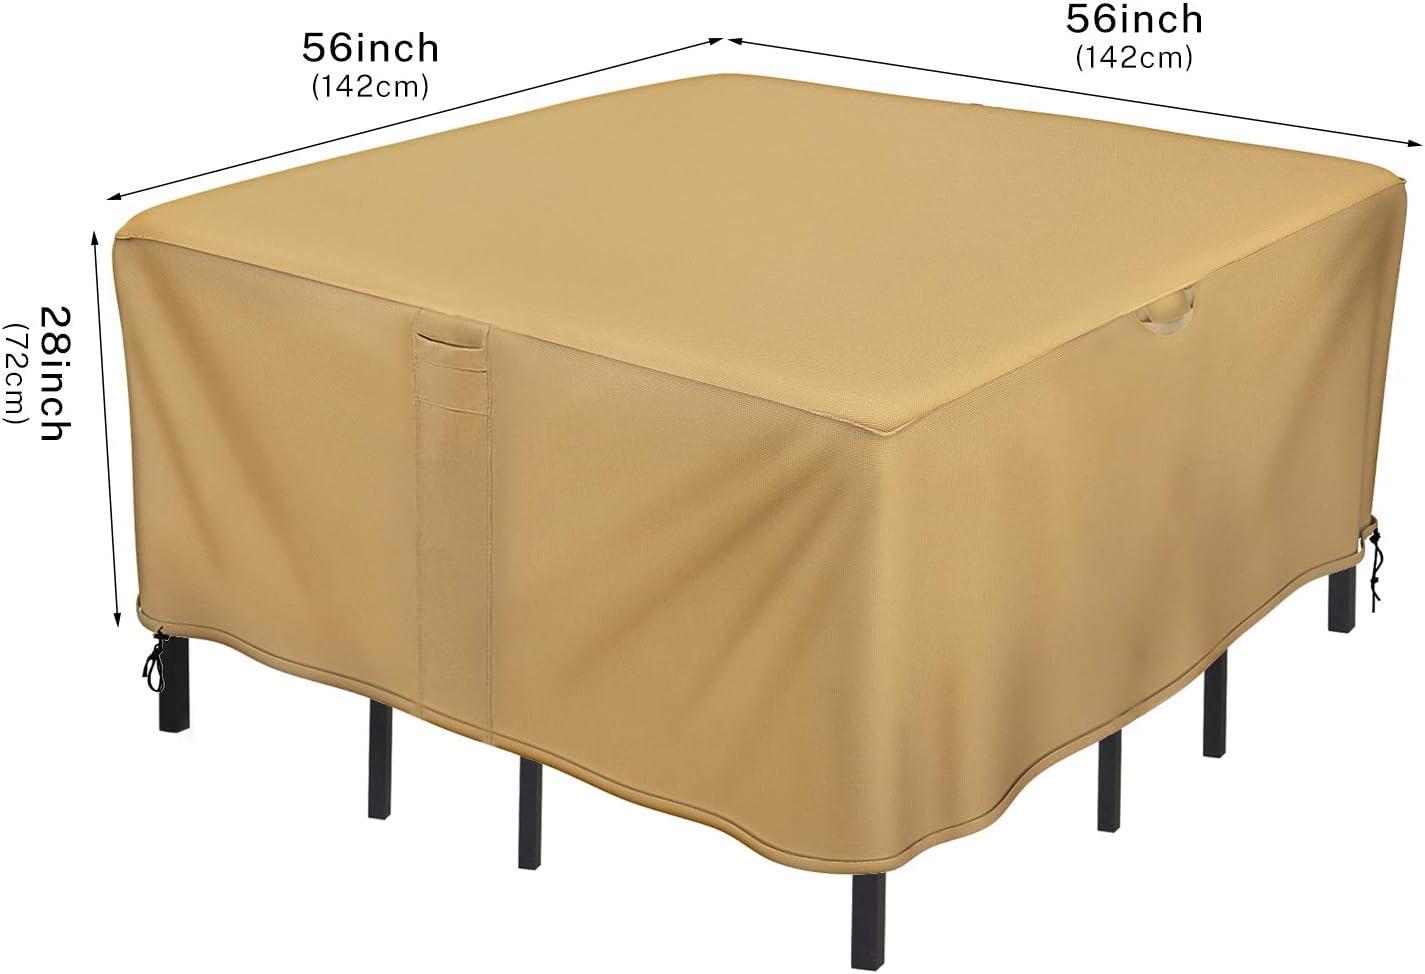 Sunkorto Fundas Muebles Jardín Cubierta Protectora para Mesas Sillas Bancos Sofás Patio Terraza Anti-UV Protección Impermeable contra Viento Lluvia Nieve, 600D Tela Oxford Resistente (142x142x72cm): Amazon.es: Jardín